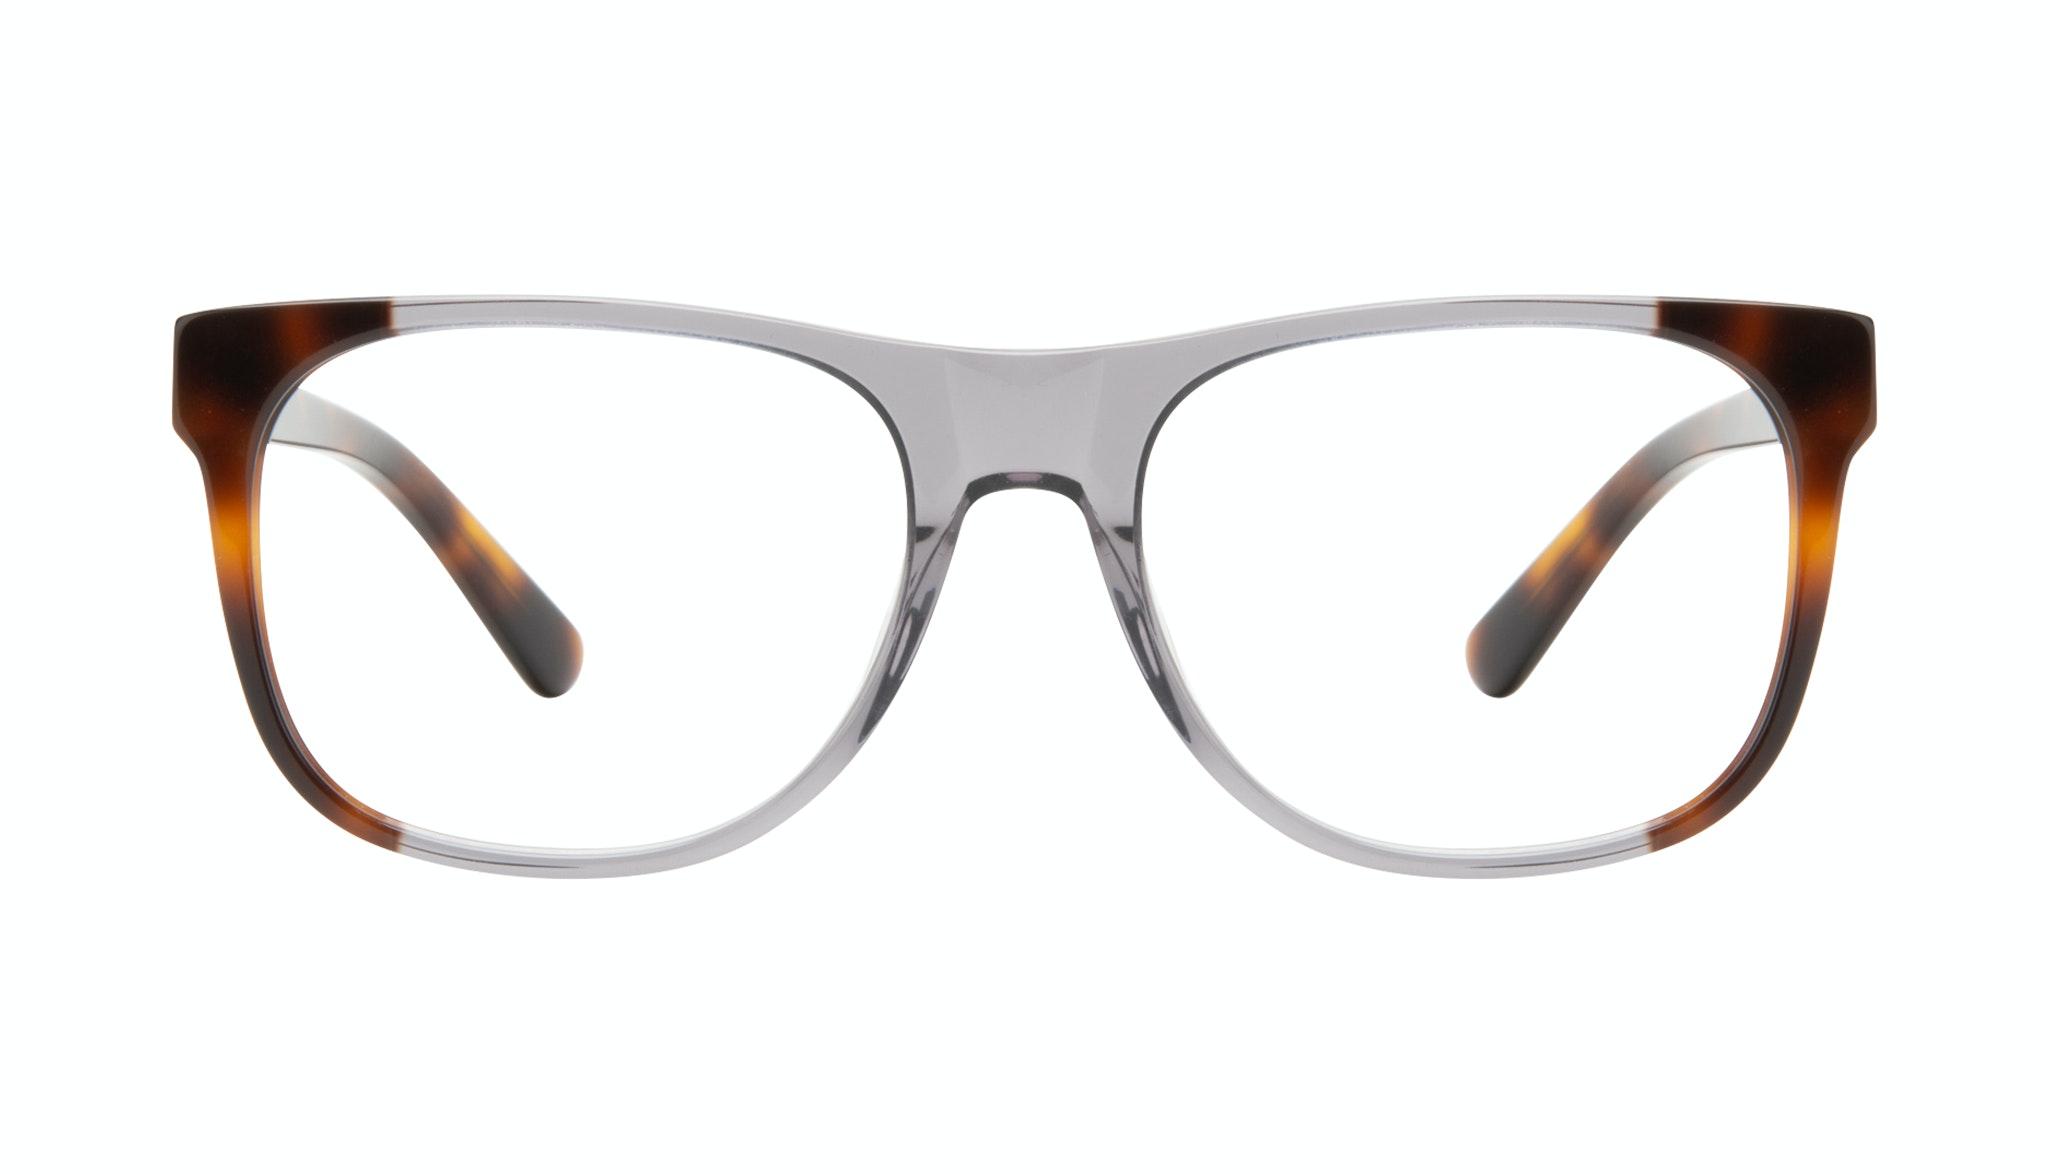 Lunettes tendance Carrée Lunettes de vue Hommes Make Smokey Tort Face